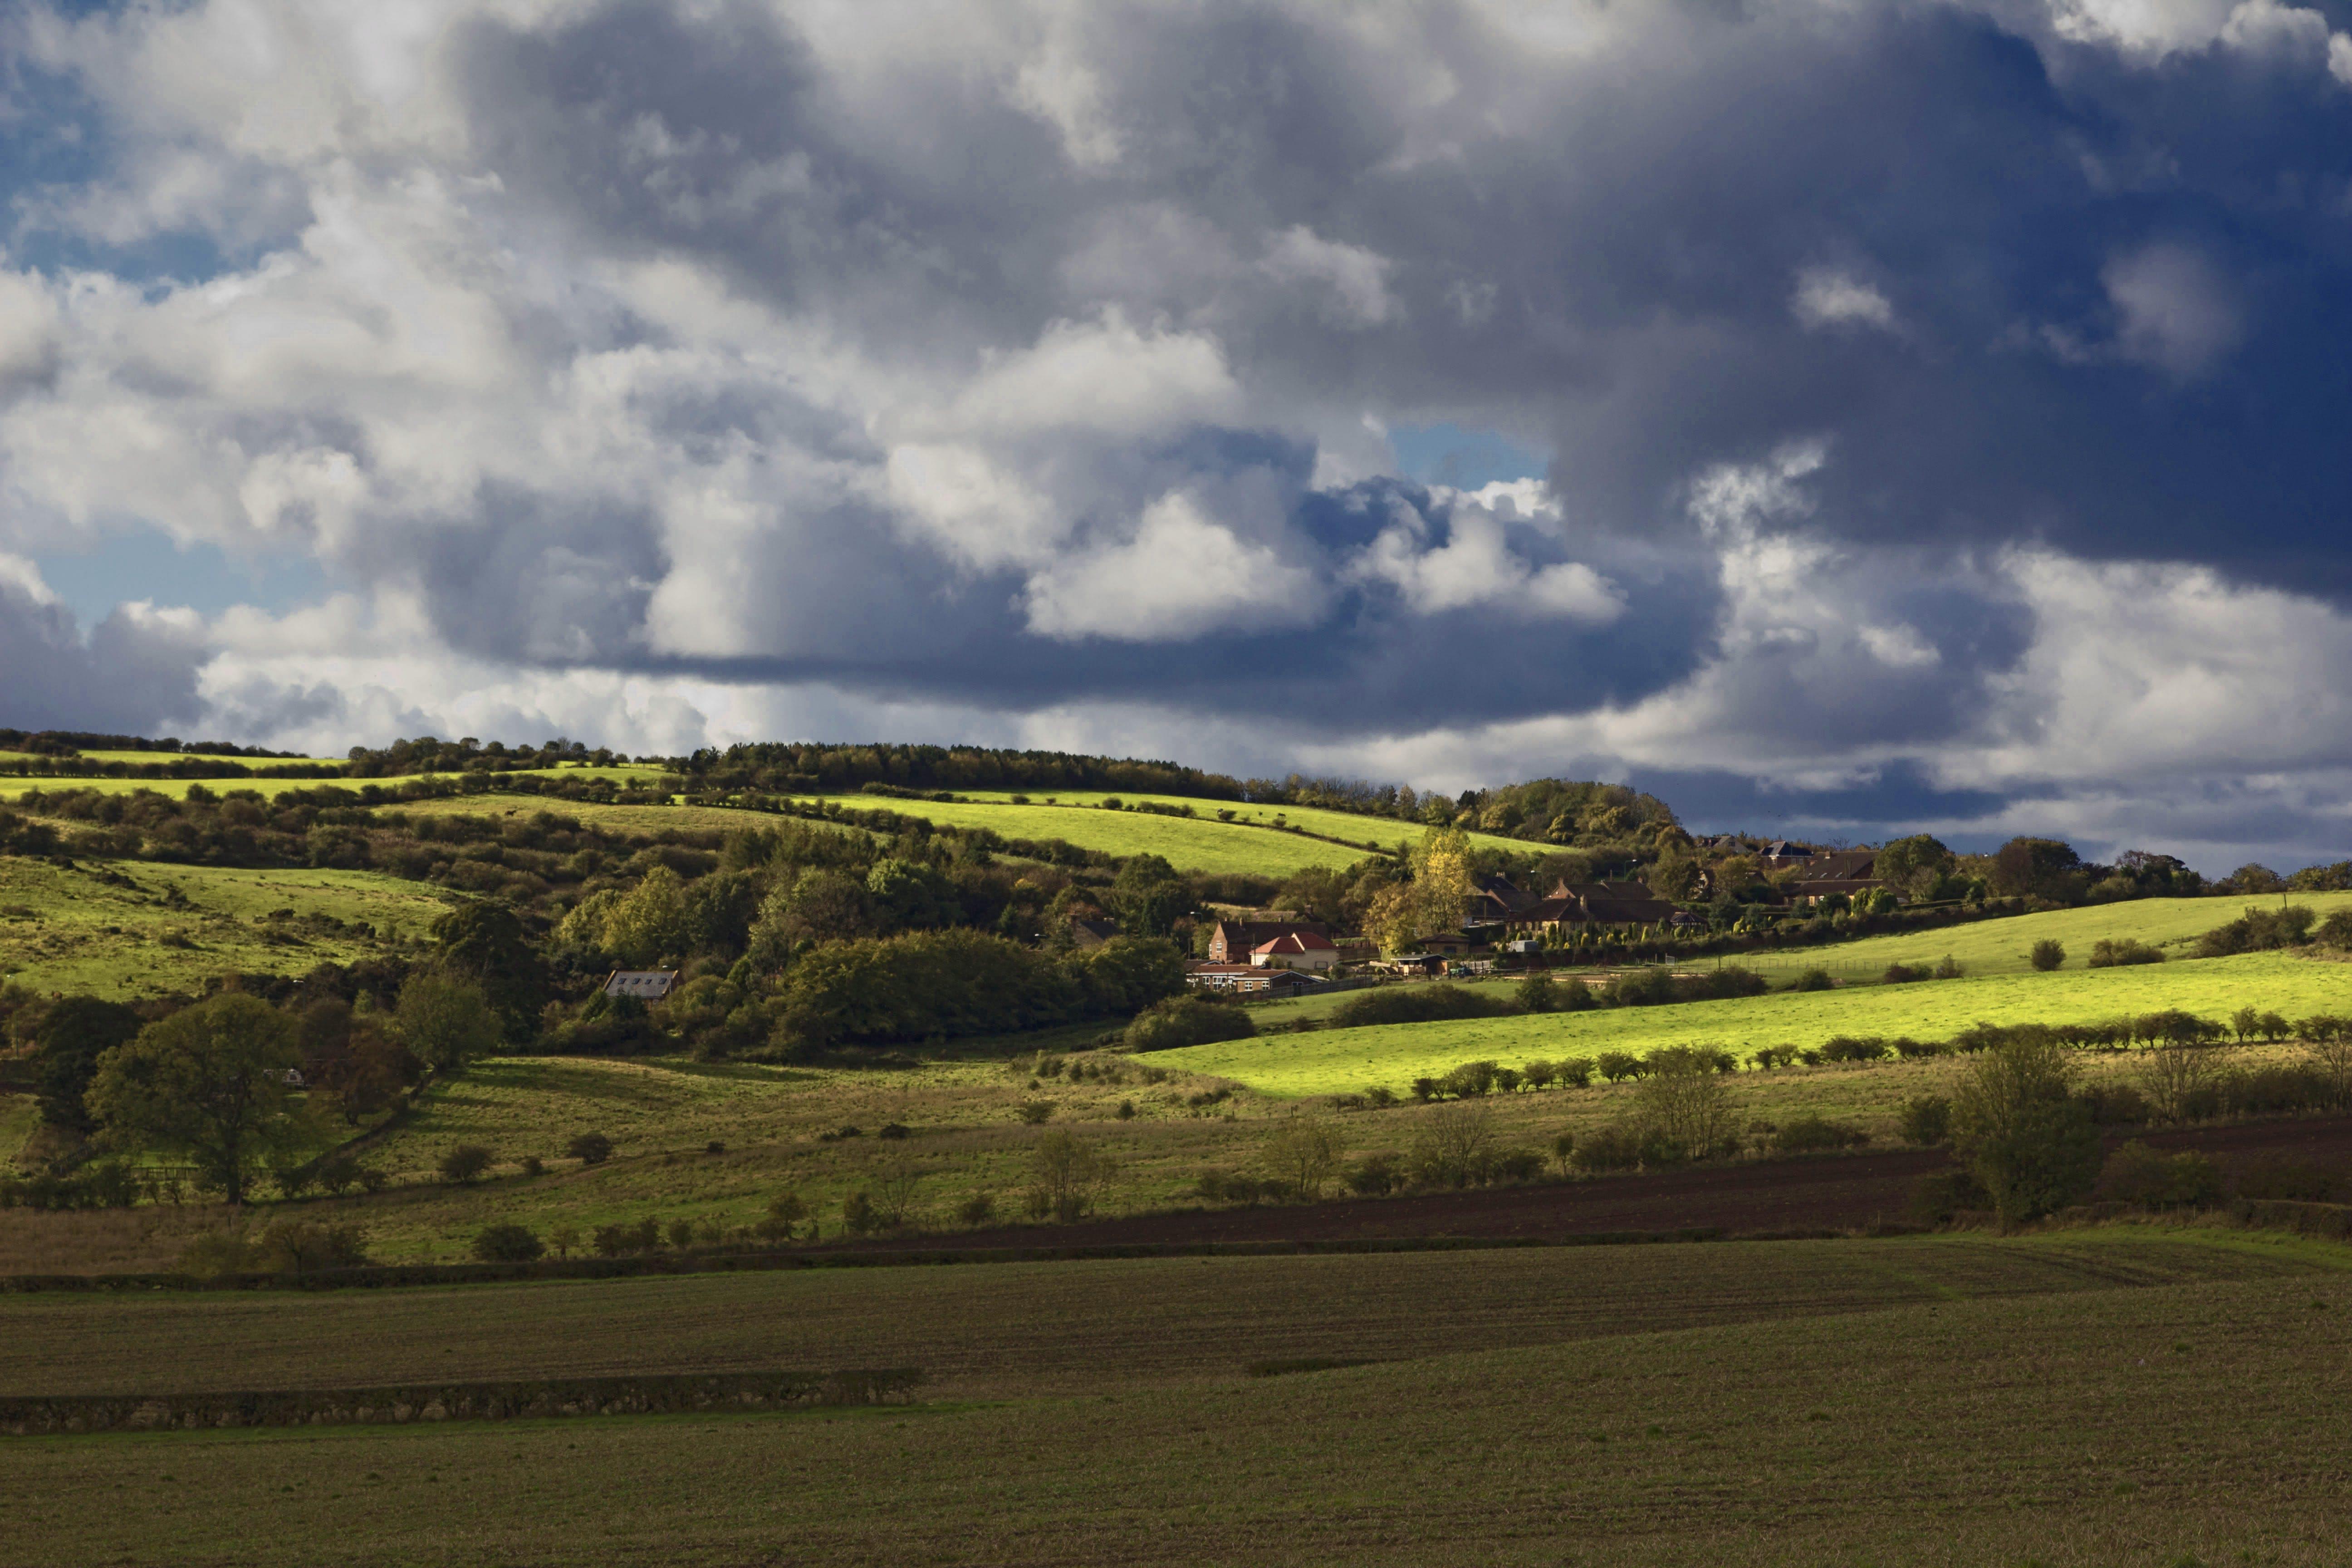 ağaçlar, alan, Çiftlik, çim içeren Ücretsiz stok fotoğraf